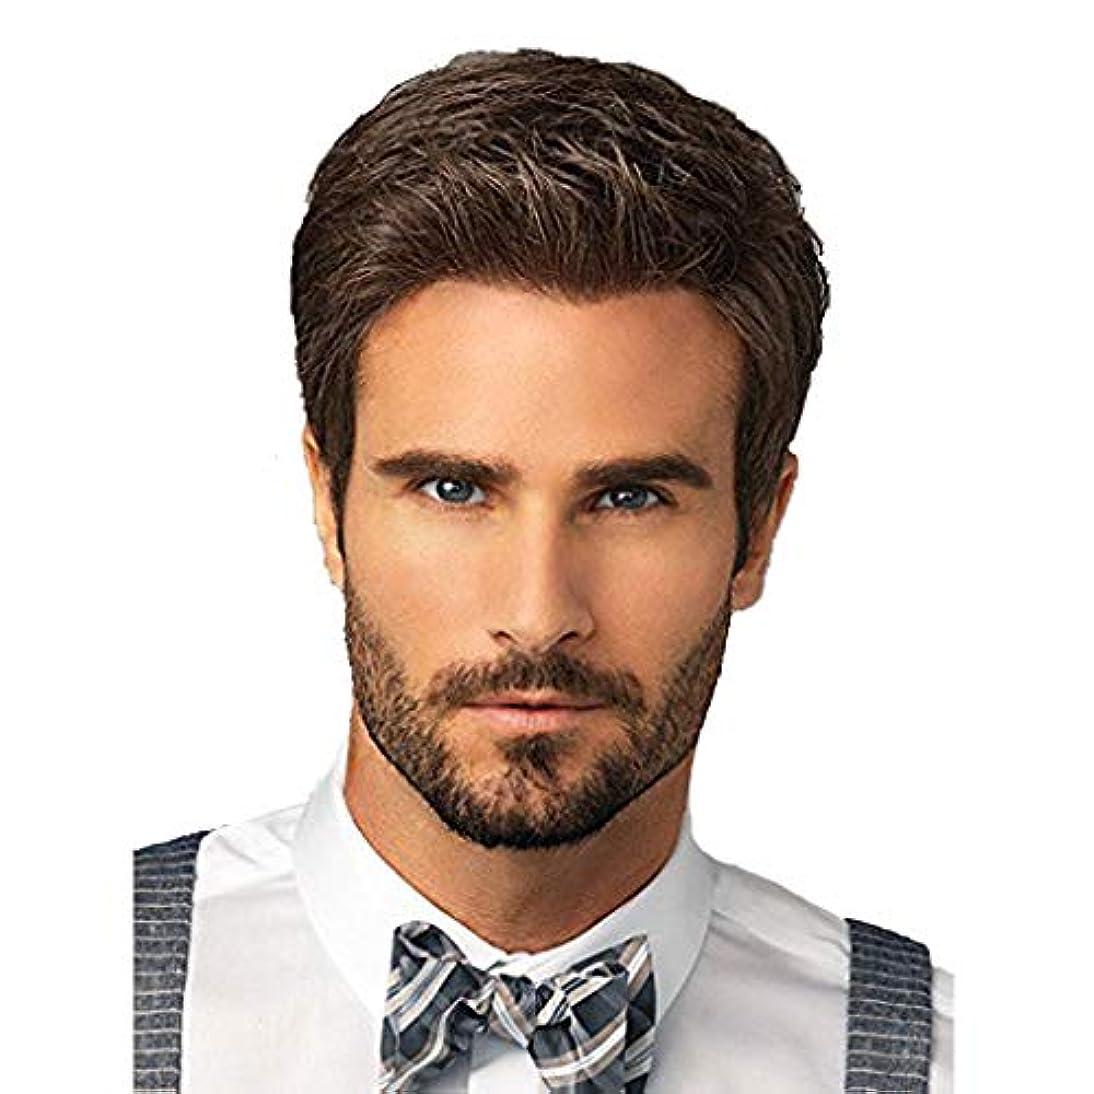 ロータリーコンチネンタル熟達男性用ウィッグ、ファッションナチュラルブラウンビジネスハンサムショートヘアナチュラルリアルな高品質かつら